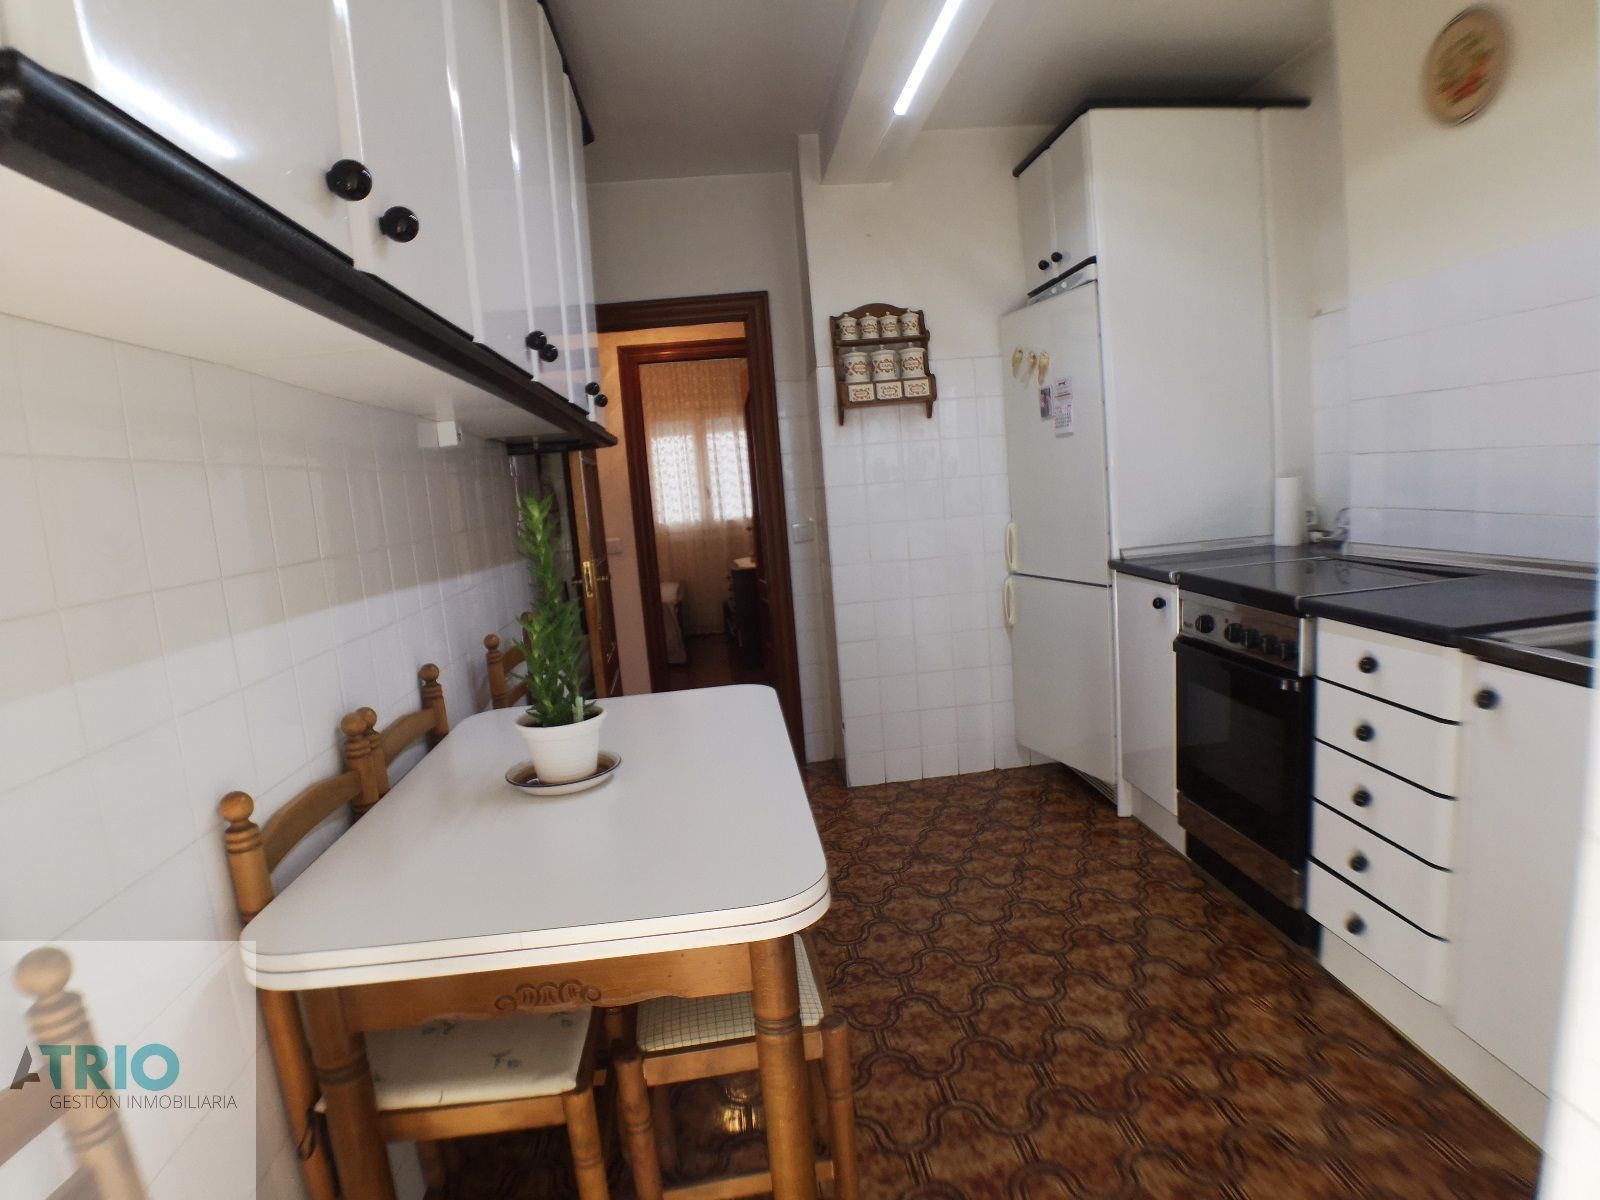 dia.mobiliagestion.es/Portals/inmoatrio/Images/7860/7497788